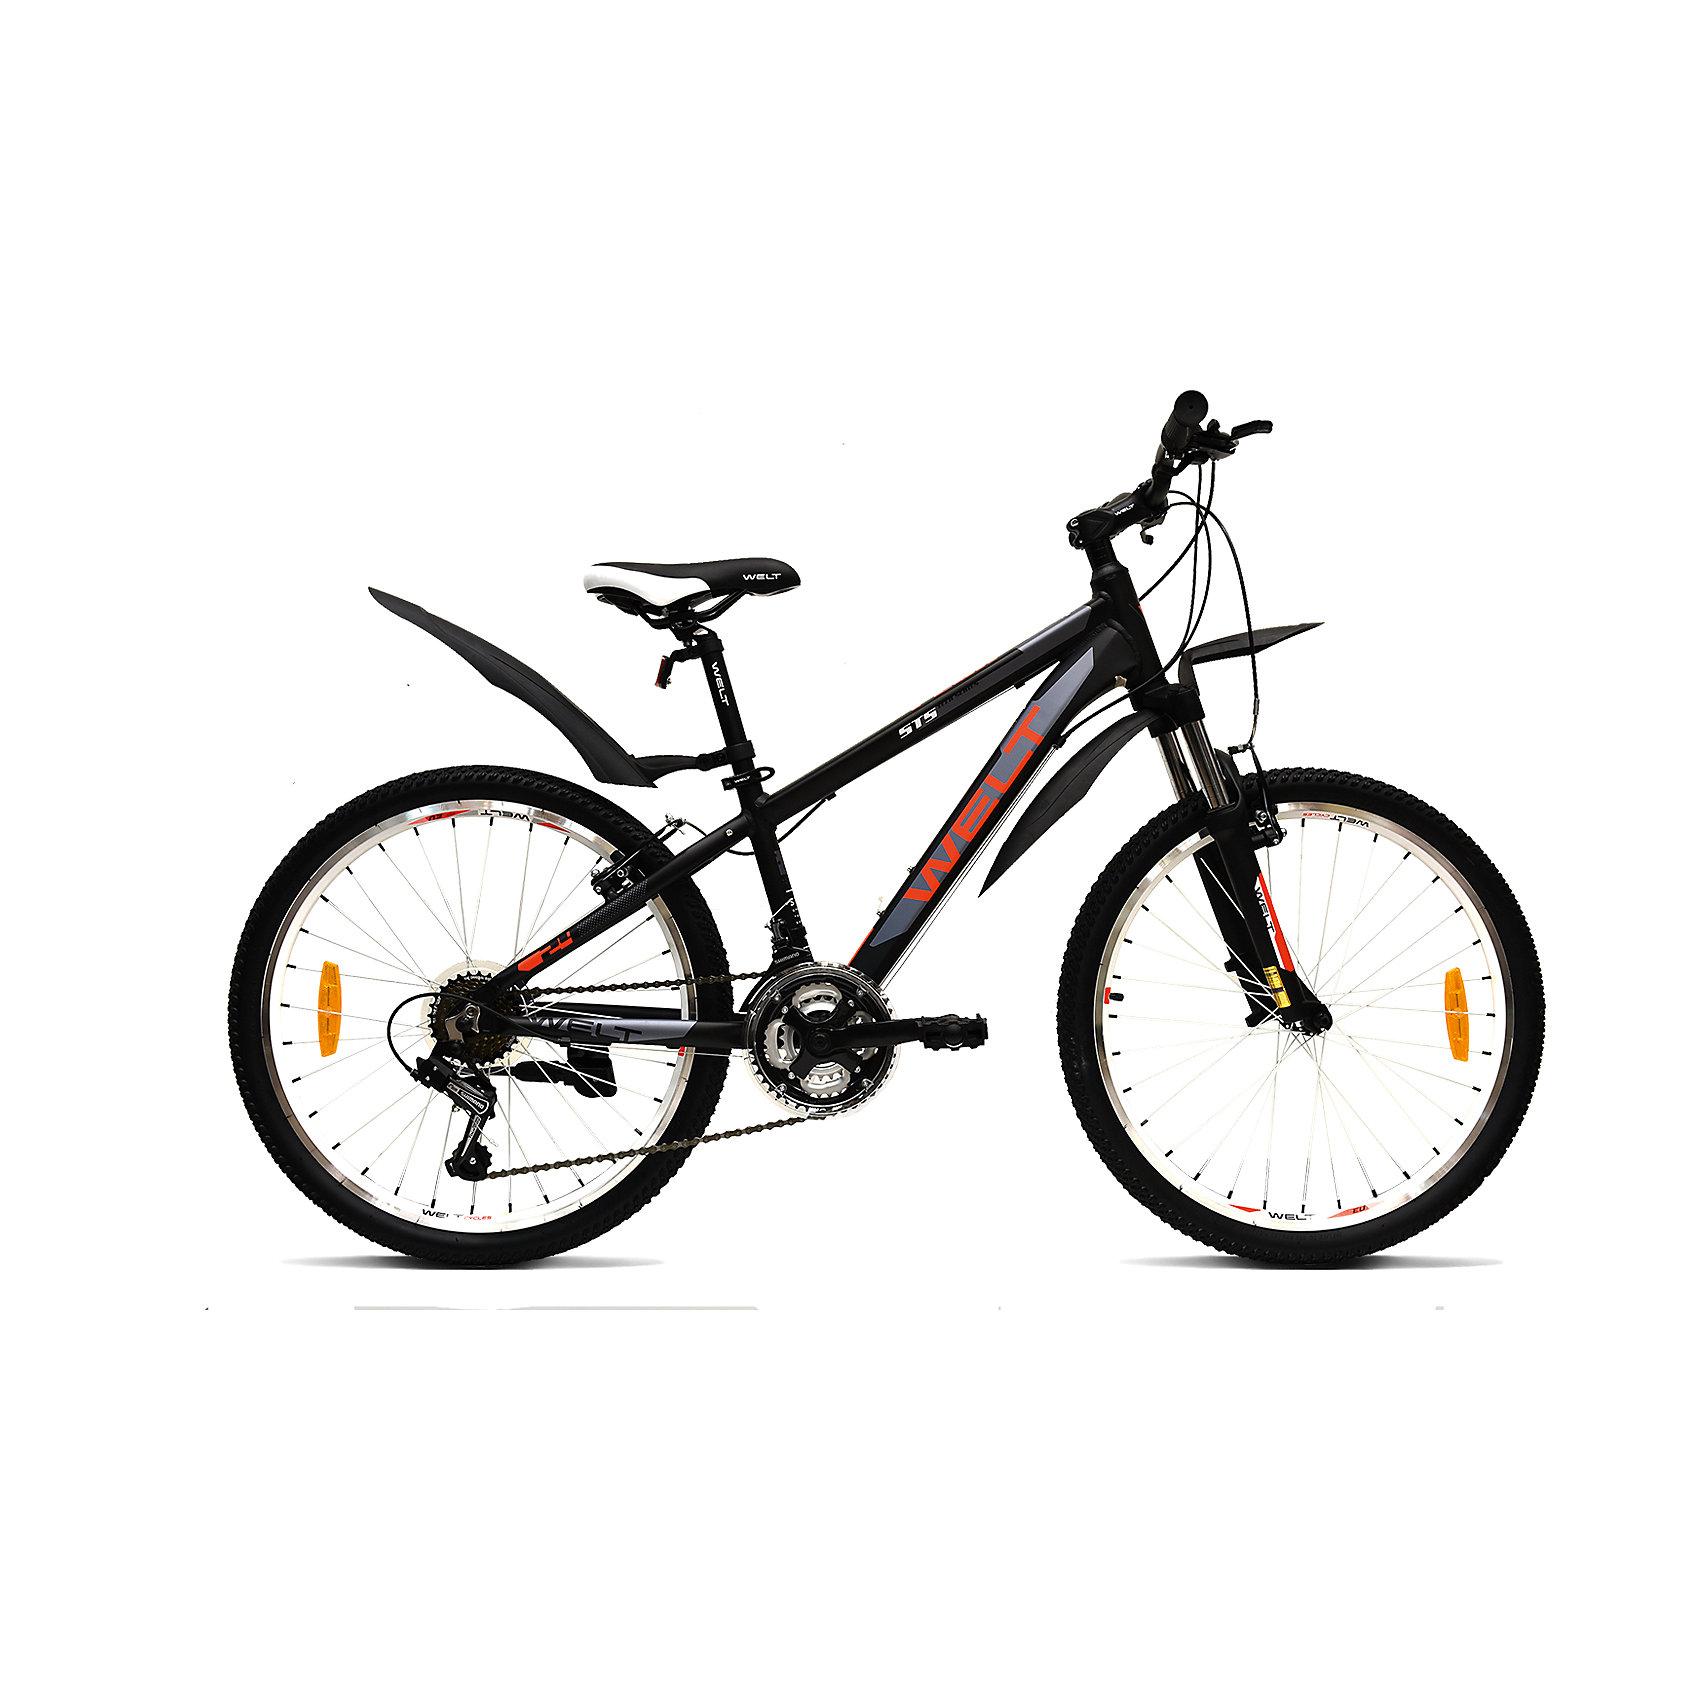 Велосипед  Peak 24, черно-красный, WeltВелосипеды детские<br><br><br>Ширина мм: 1450<br>Глубина мм: 200<br>Высота мм: 800<br>Вес г: 16500<br>Возраст от месяцев: 48<br>Возраст до месяцев: 2147483647<br>Пол: Унисекс<br>Возраст: Детский<br>SKU: 5569439